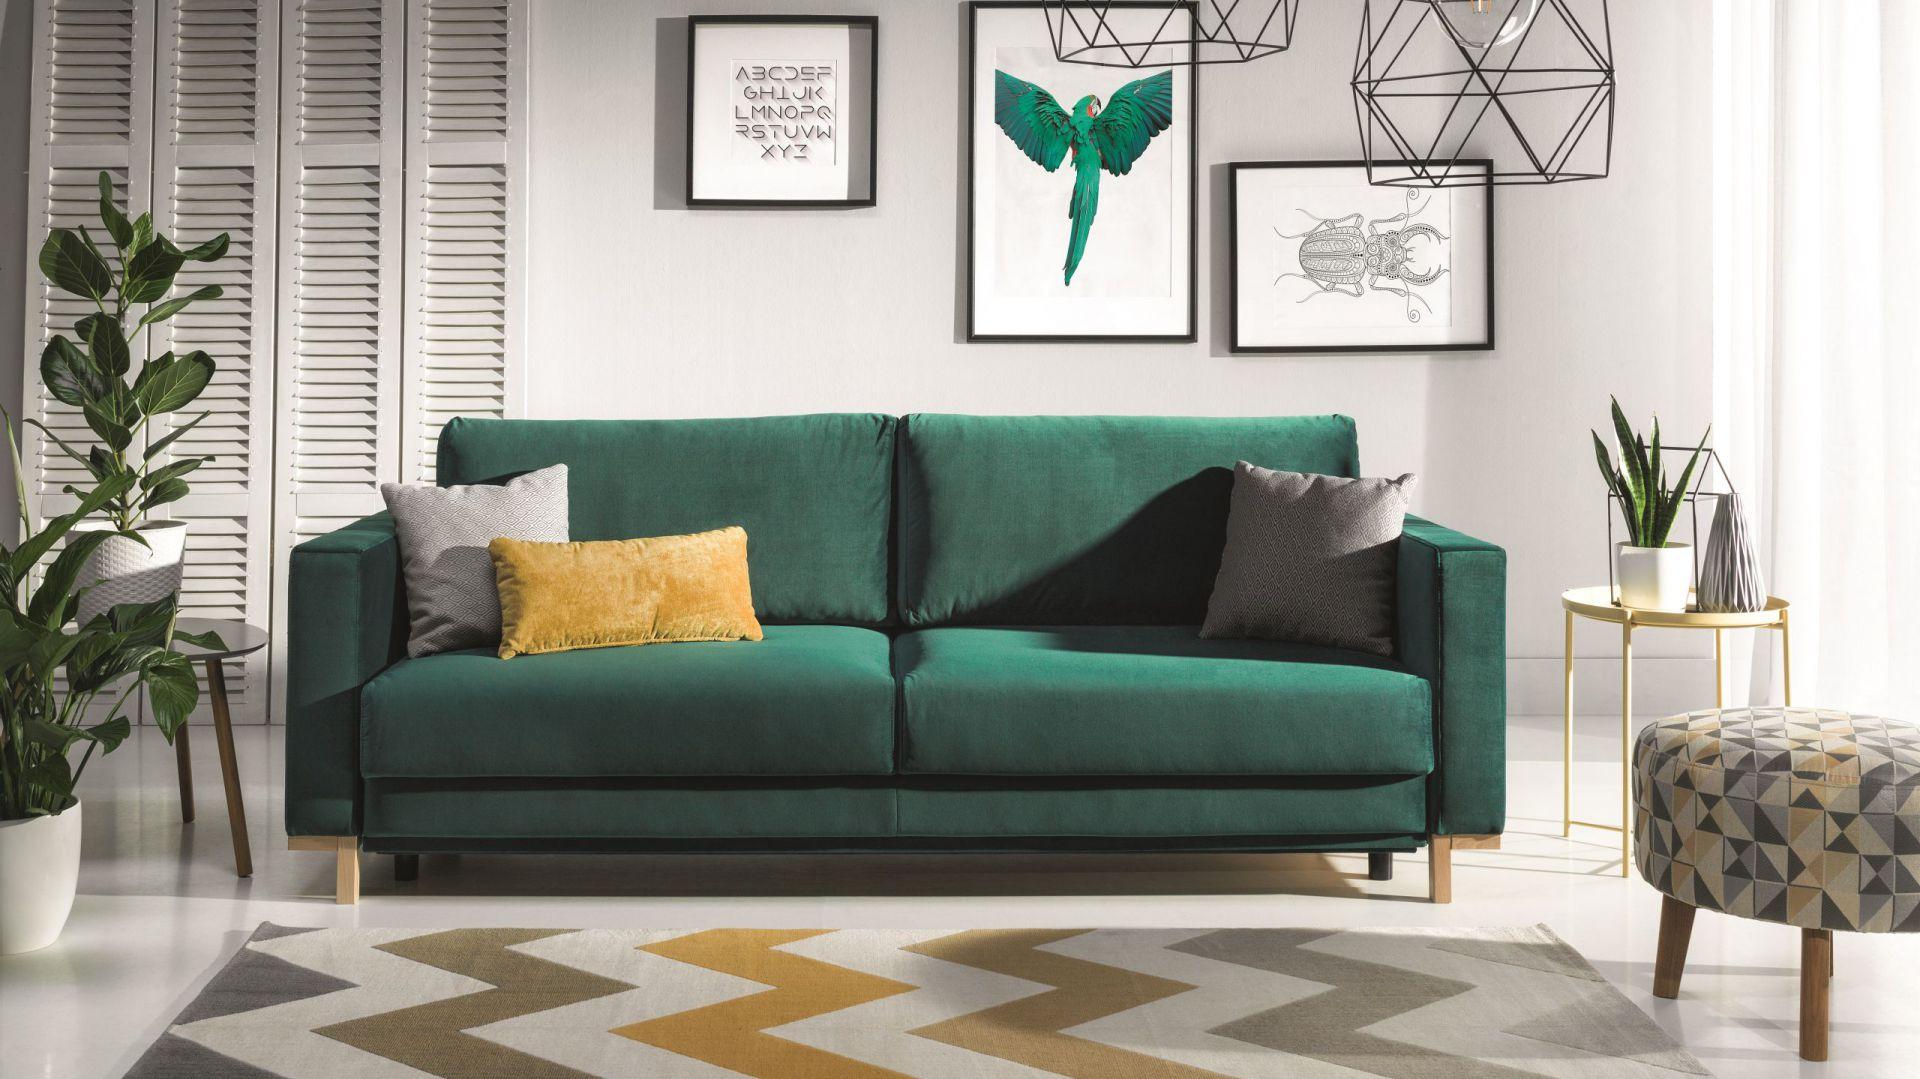 Kanapa Modo o nowoczesnym designie ma wygodne siedzisko i miękkie, przytulne oparcie. Od 2.413 zł. Fot. Wajnert Meble